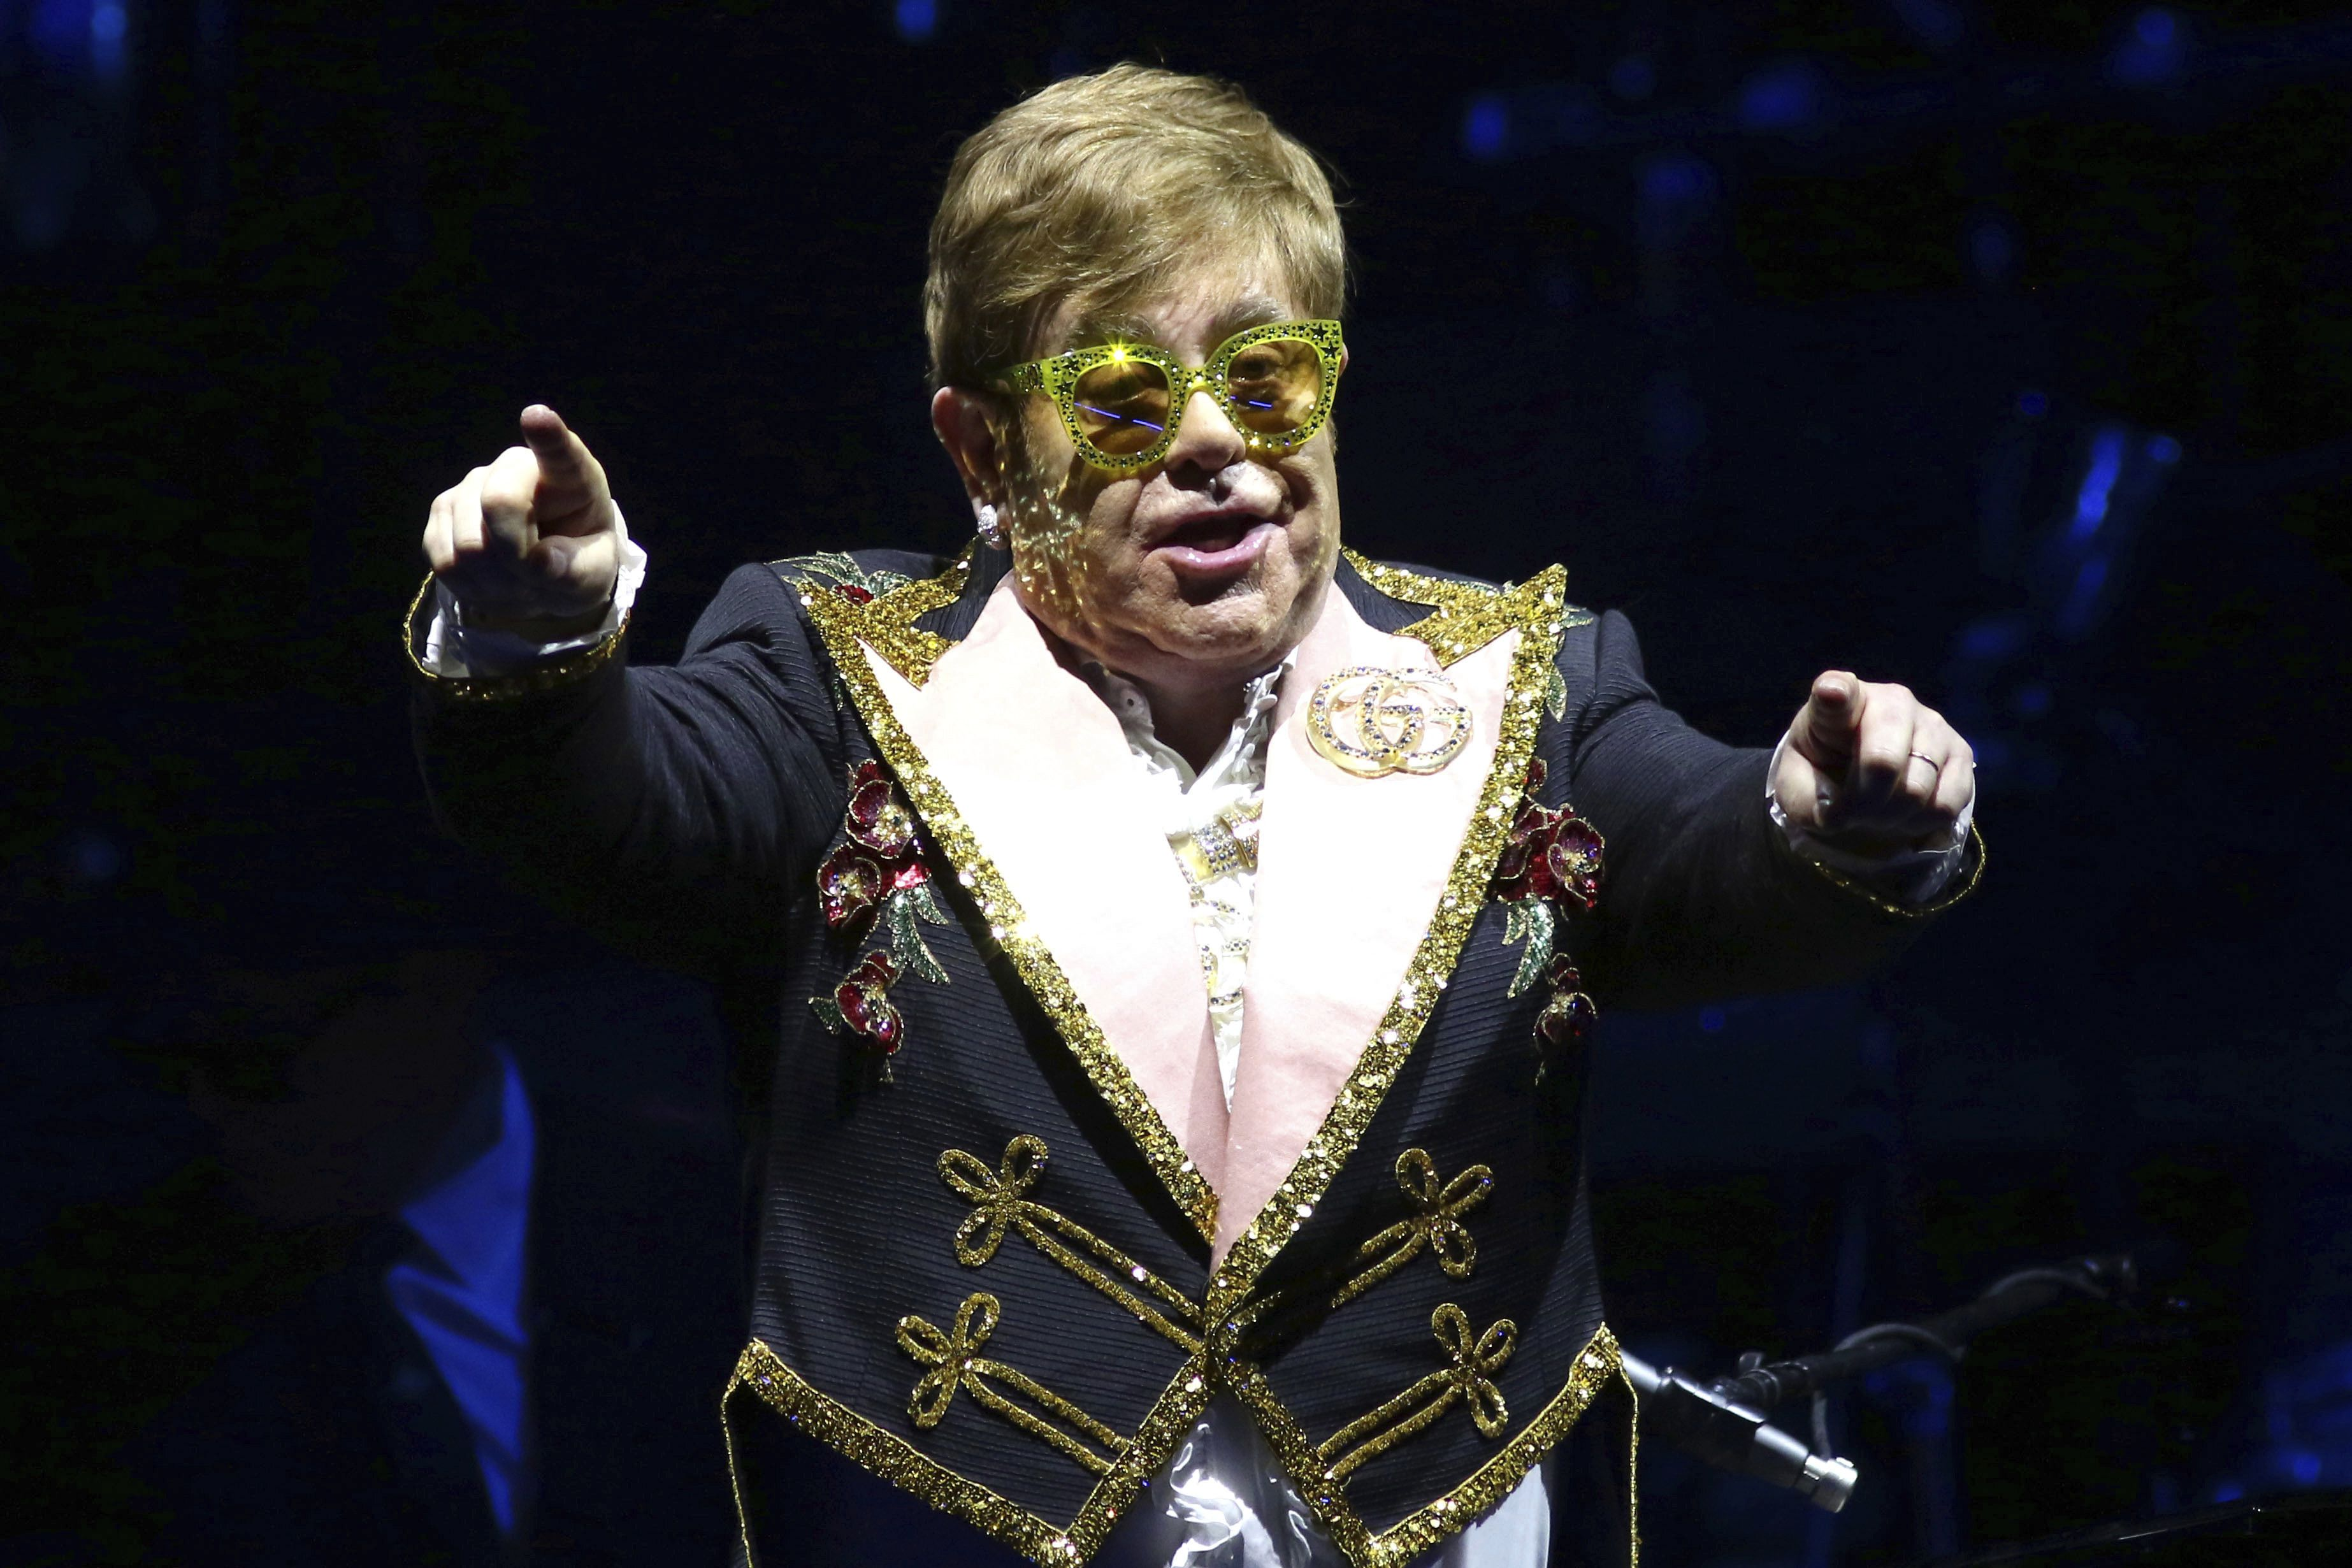 Abschiedstour: Elton John macht in Wien Halt